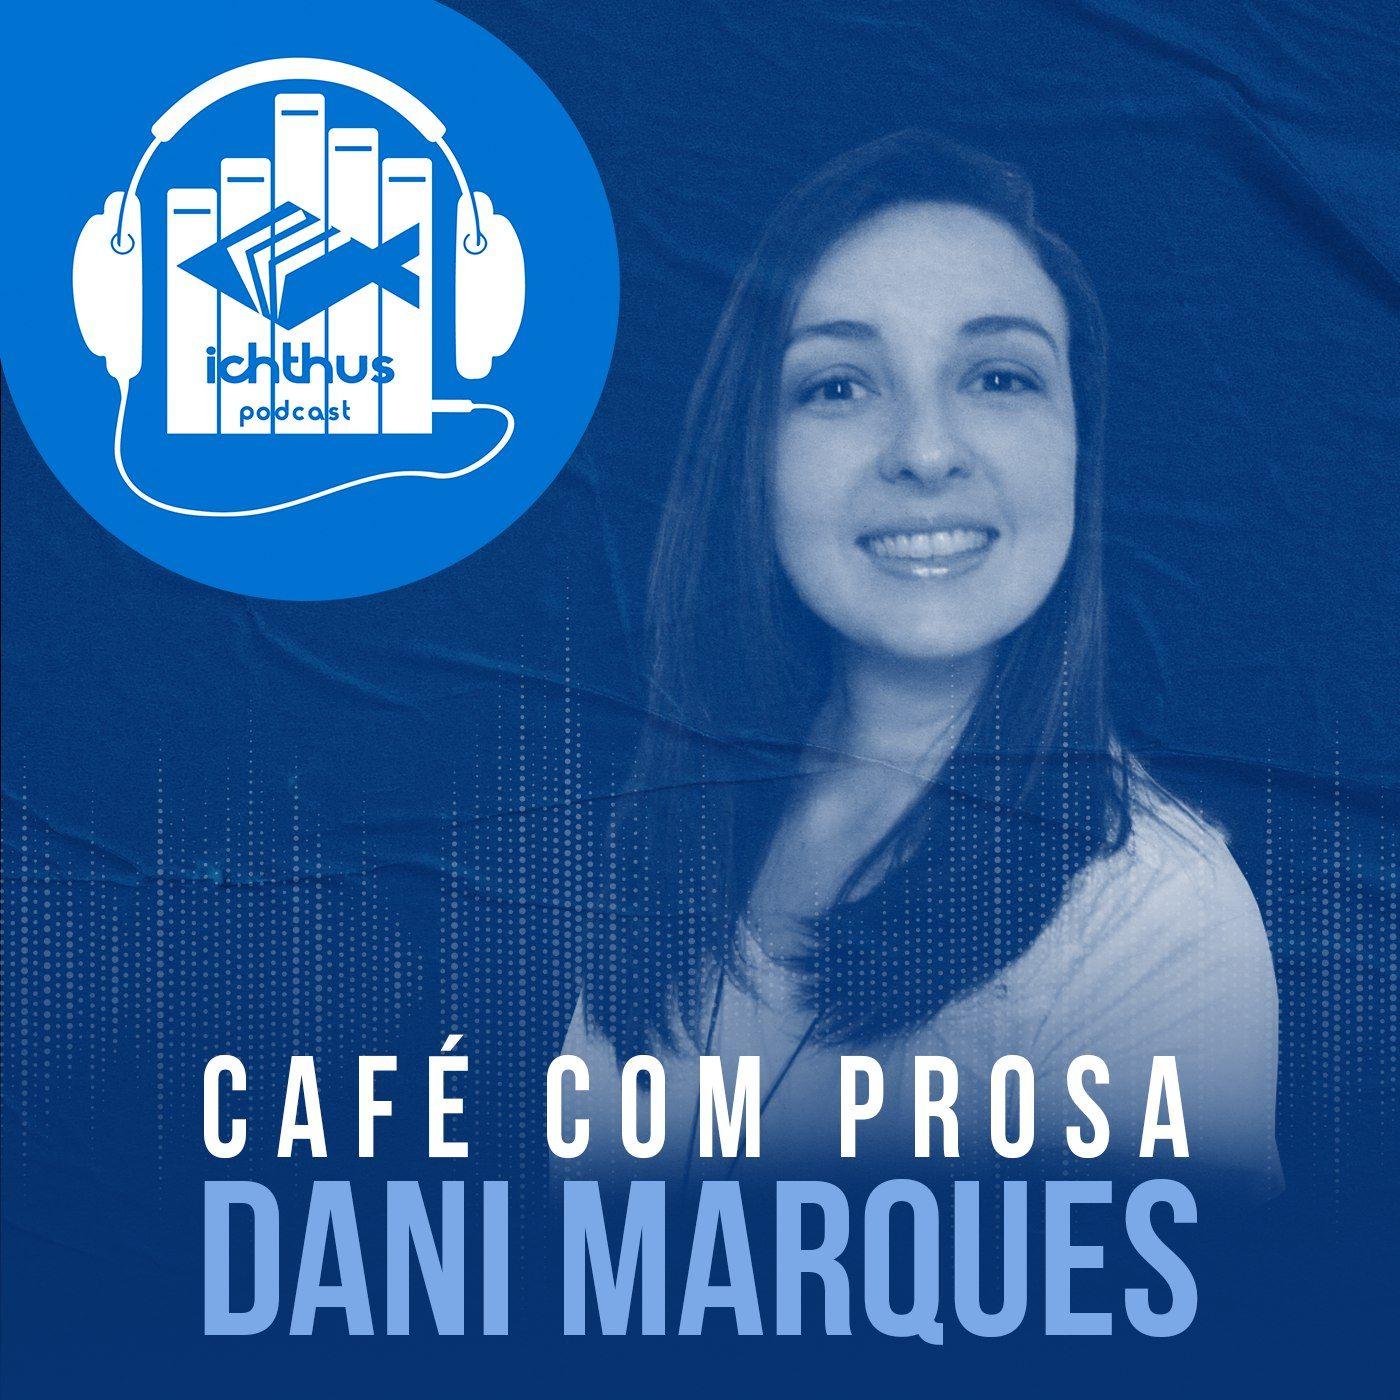 Dani Marques | Café com prosa